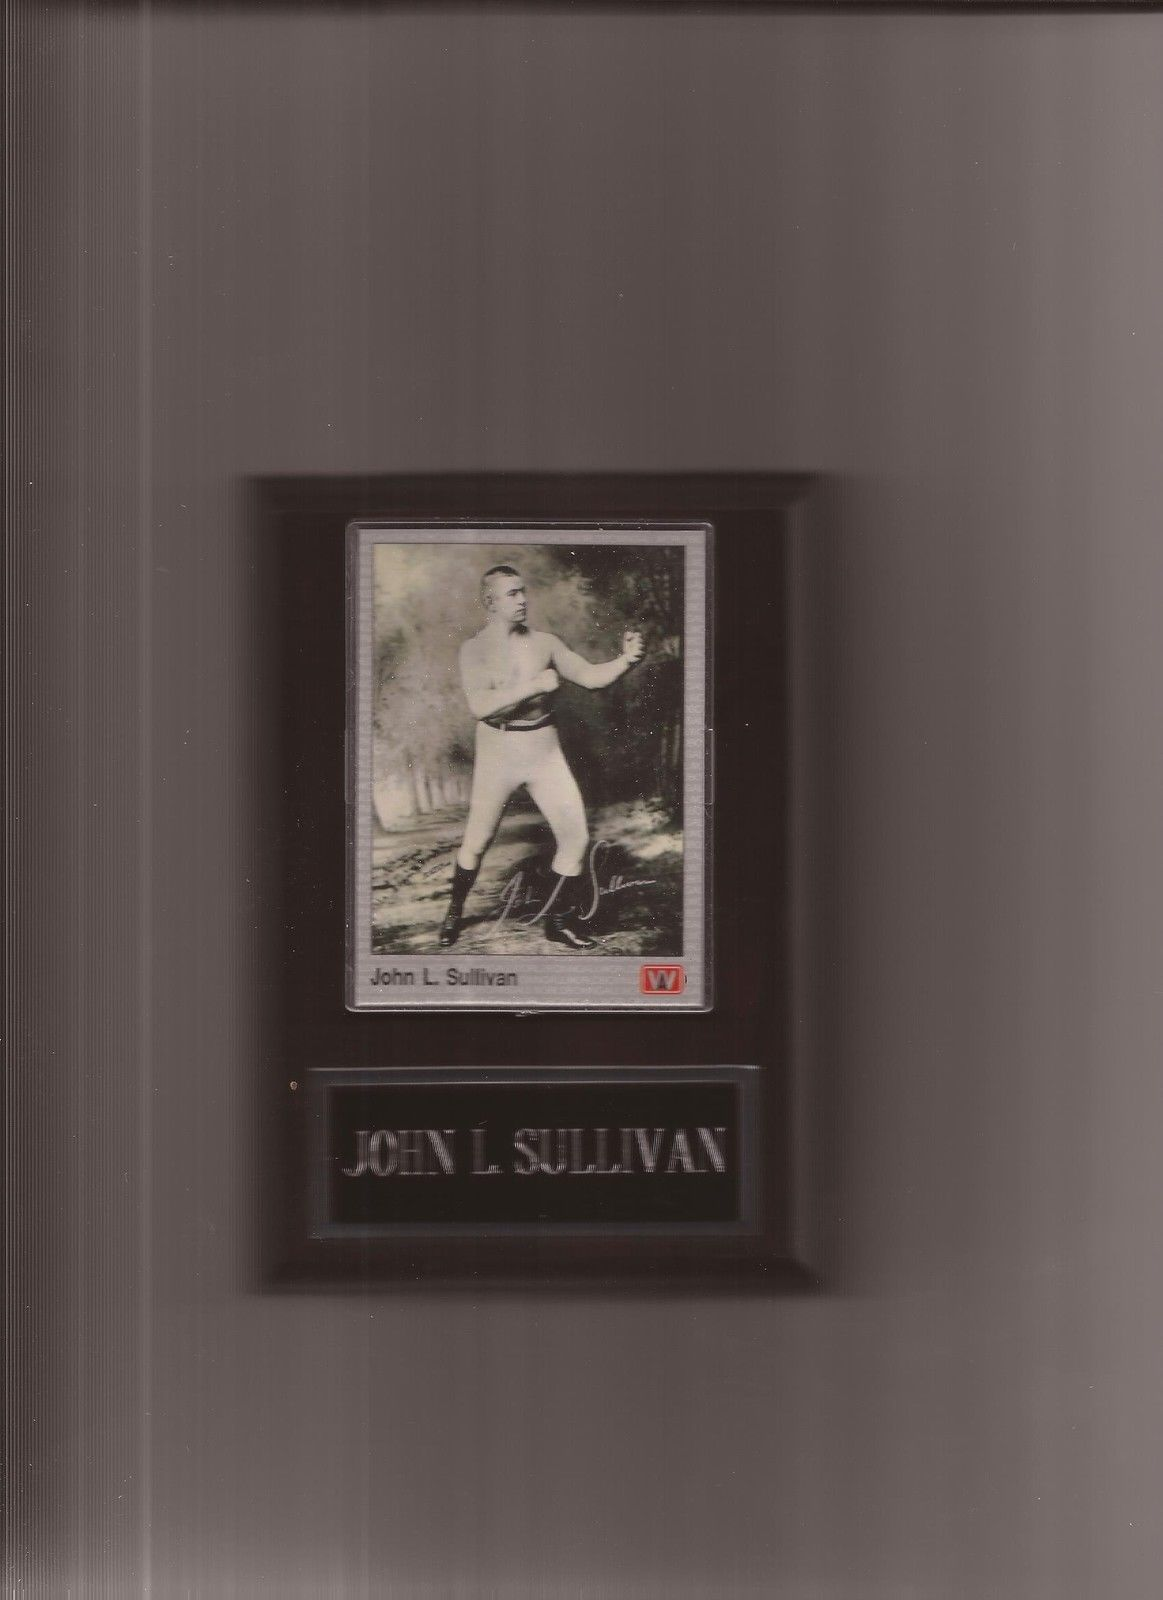 JOHN L. SULLIVAN  BOXING PLAQUE - $1.97